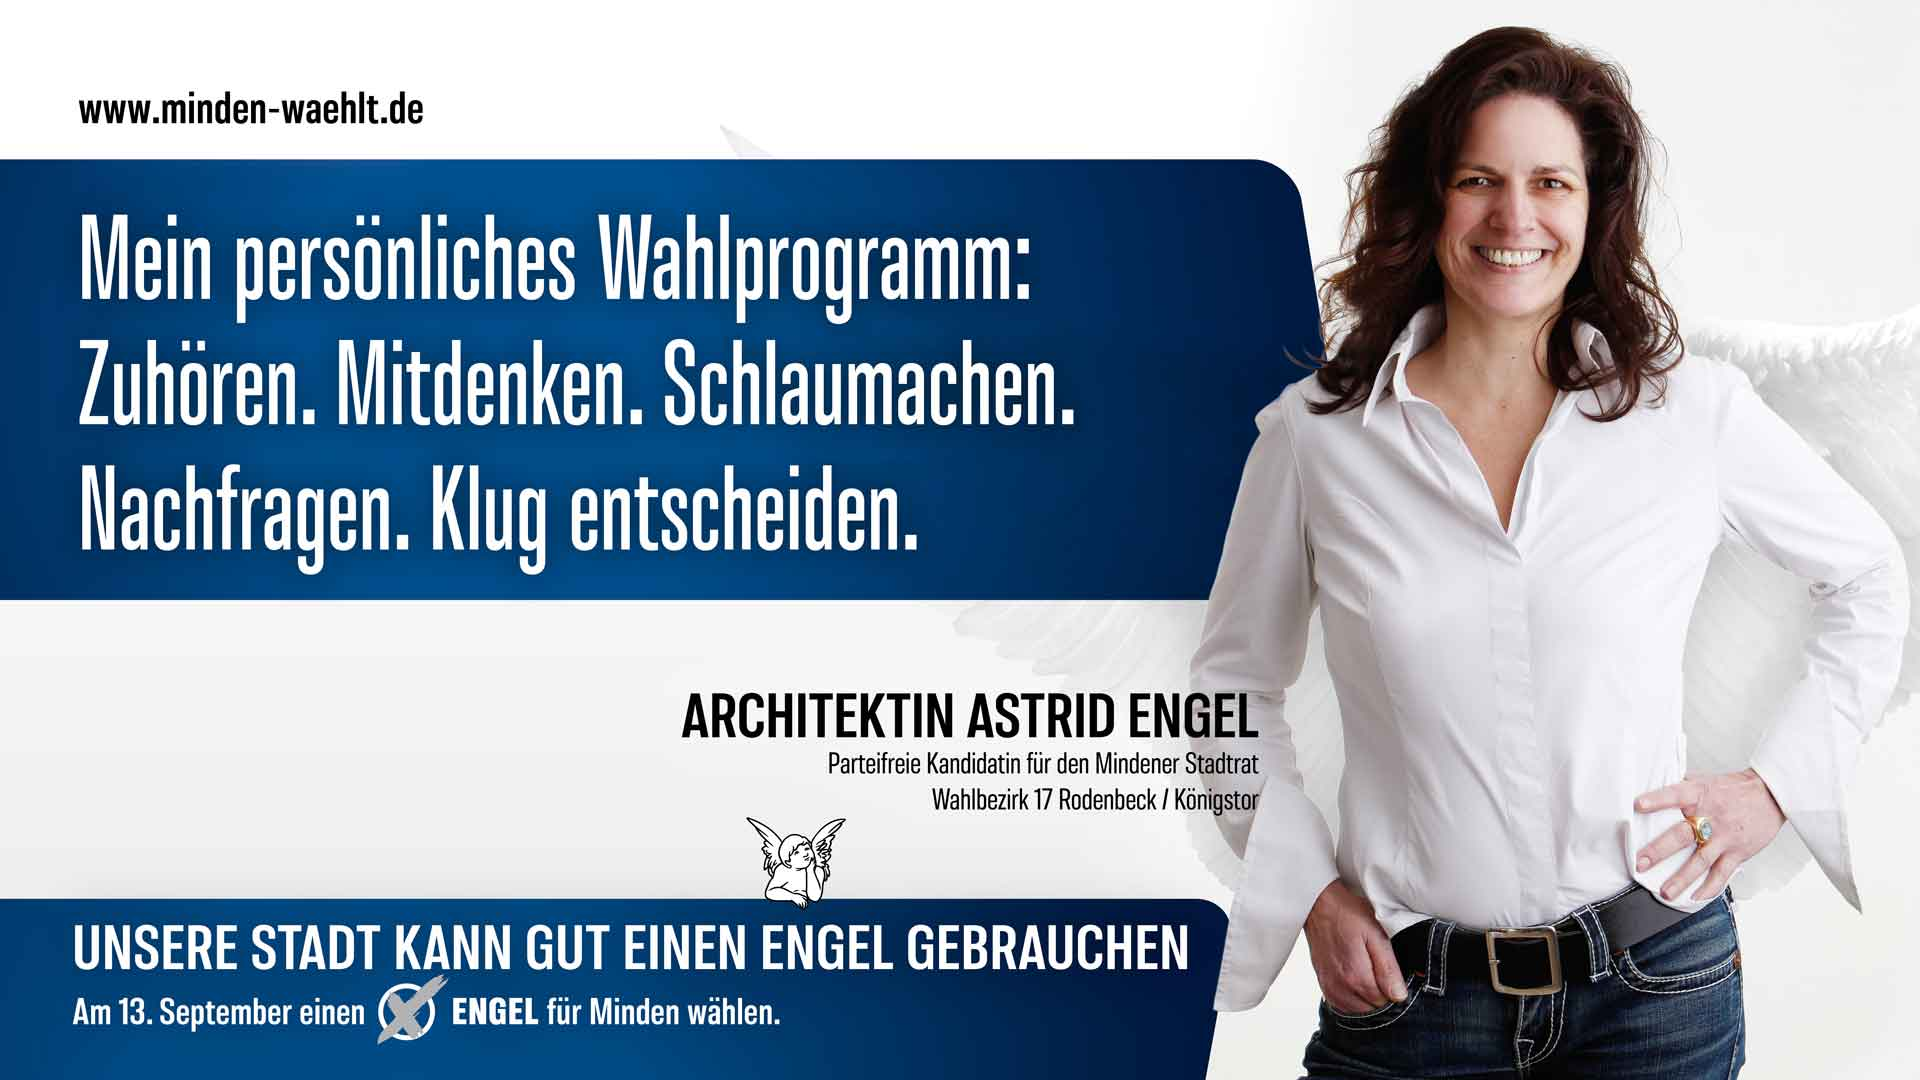 Astrid Engels persönliches Wahlprogramm